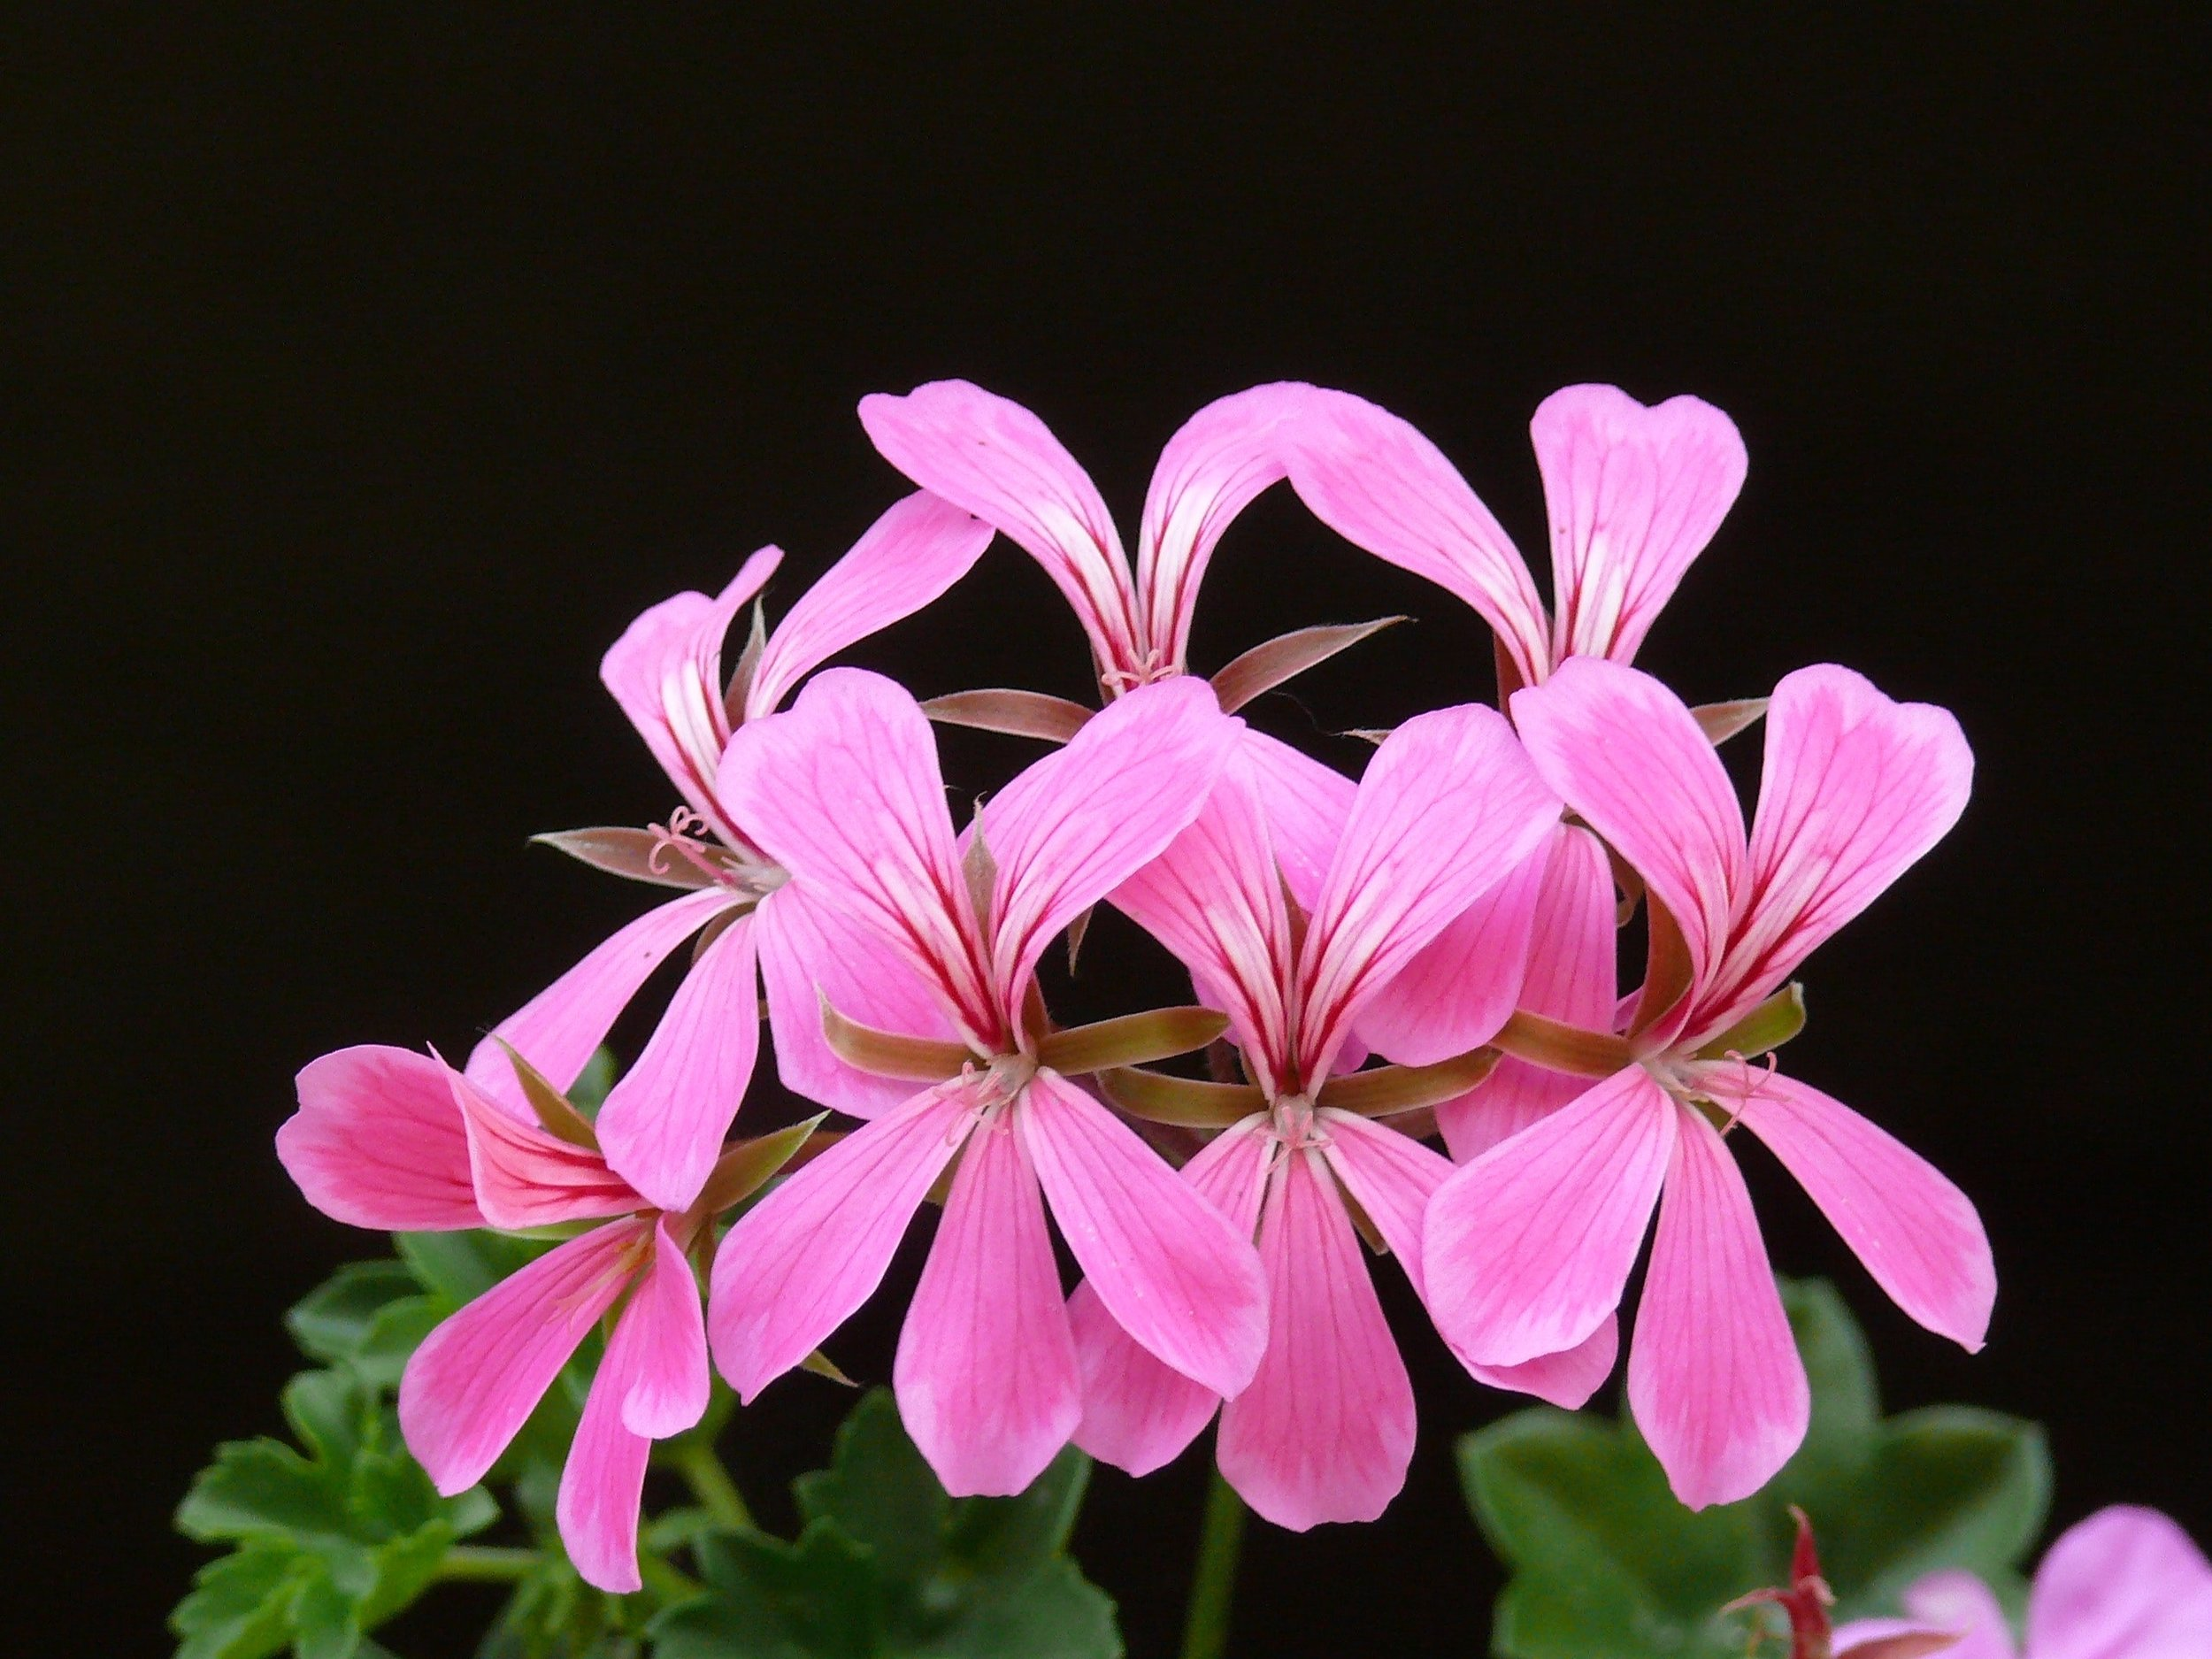 bloom-blossoms-cascading-geranium-53347.jpg